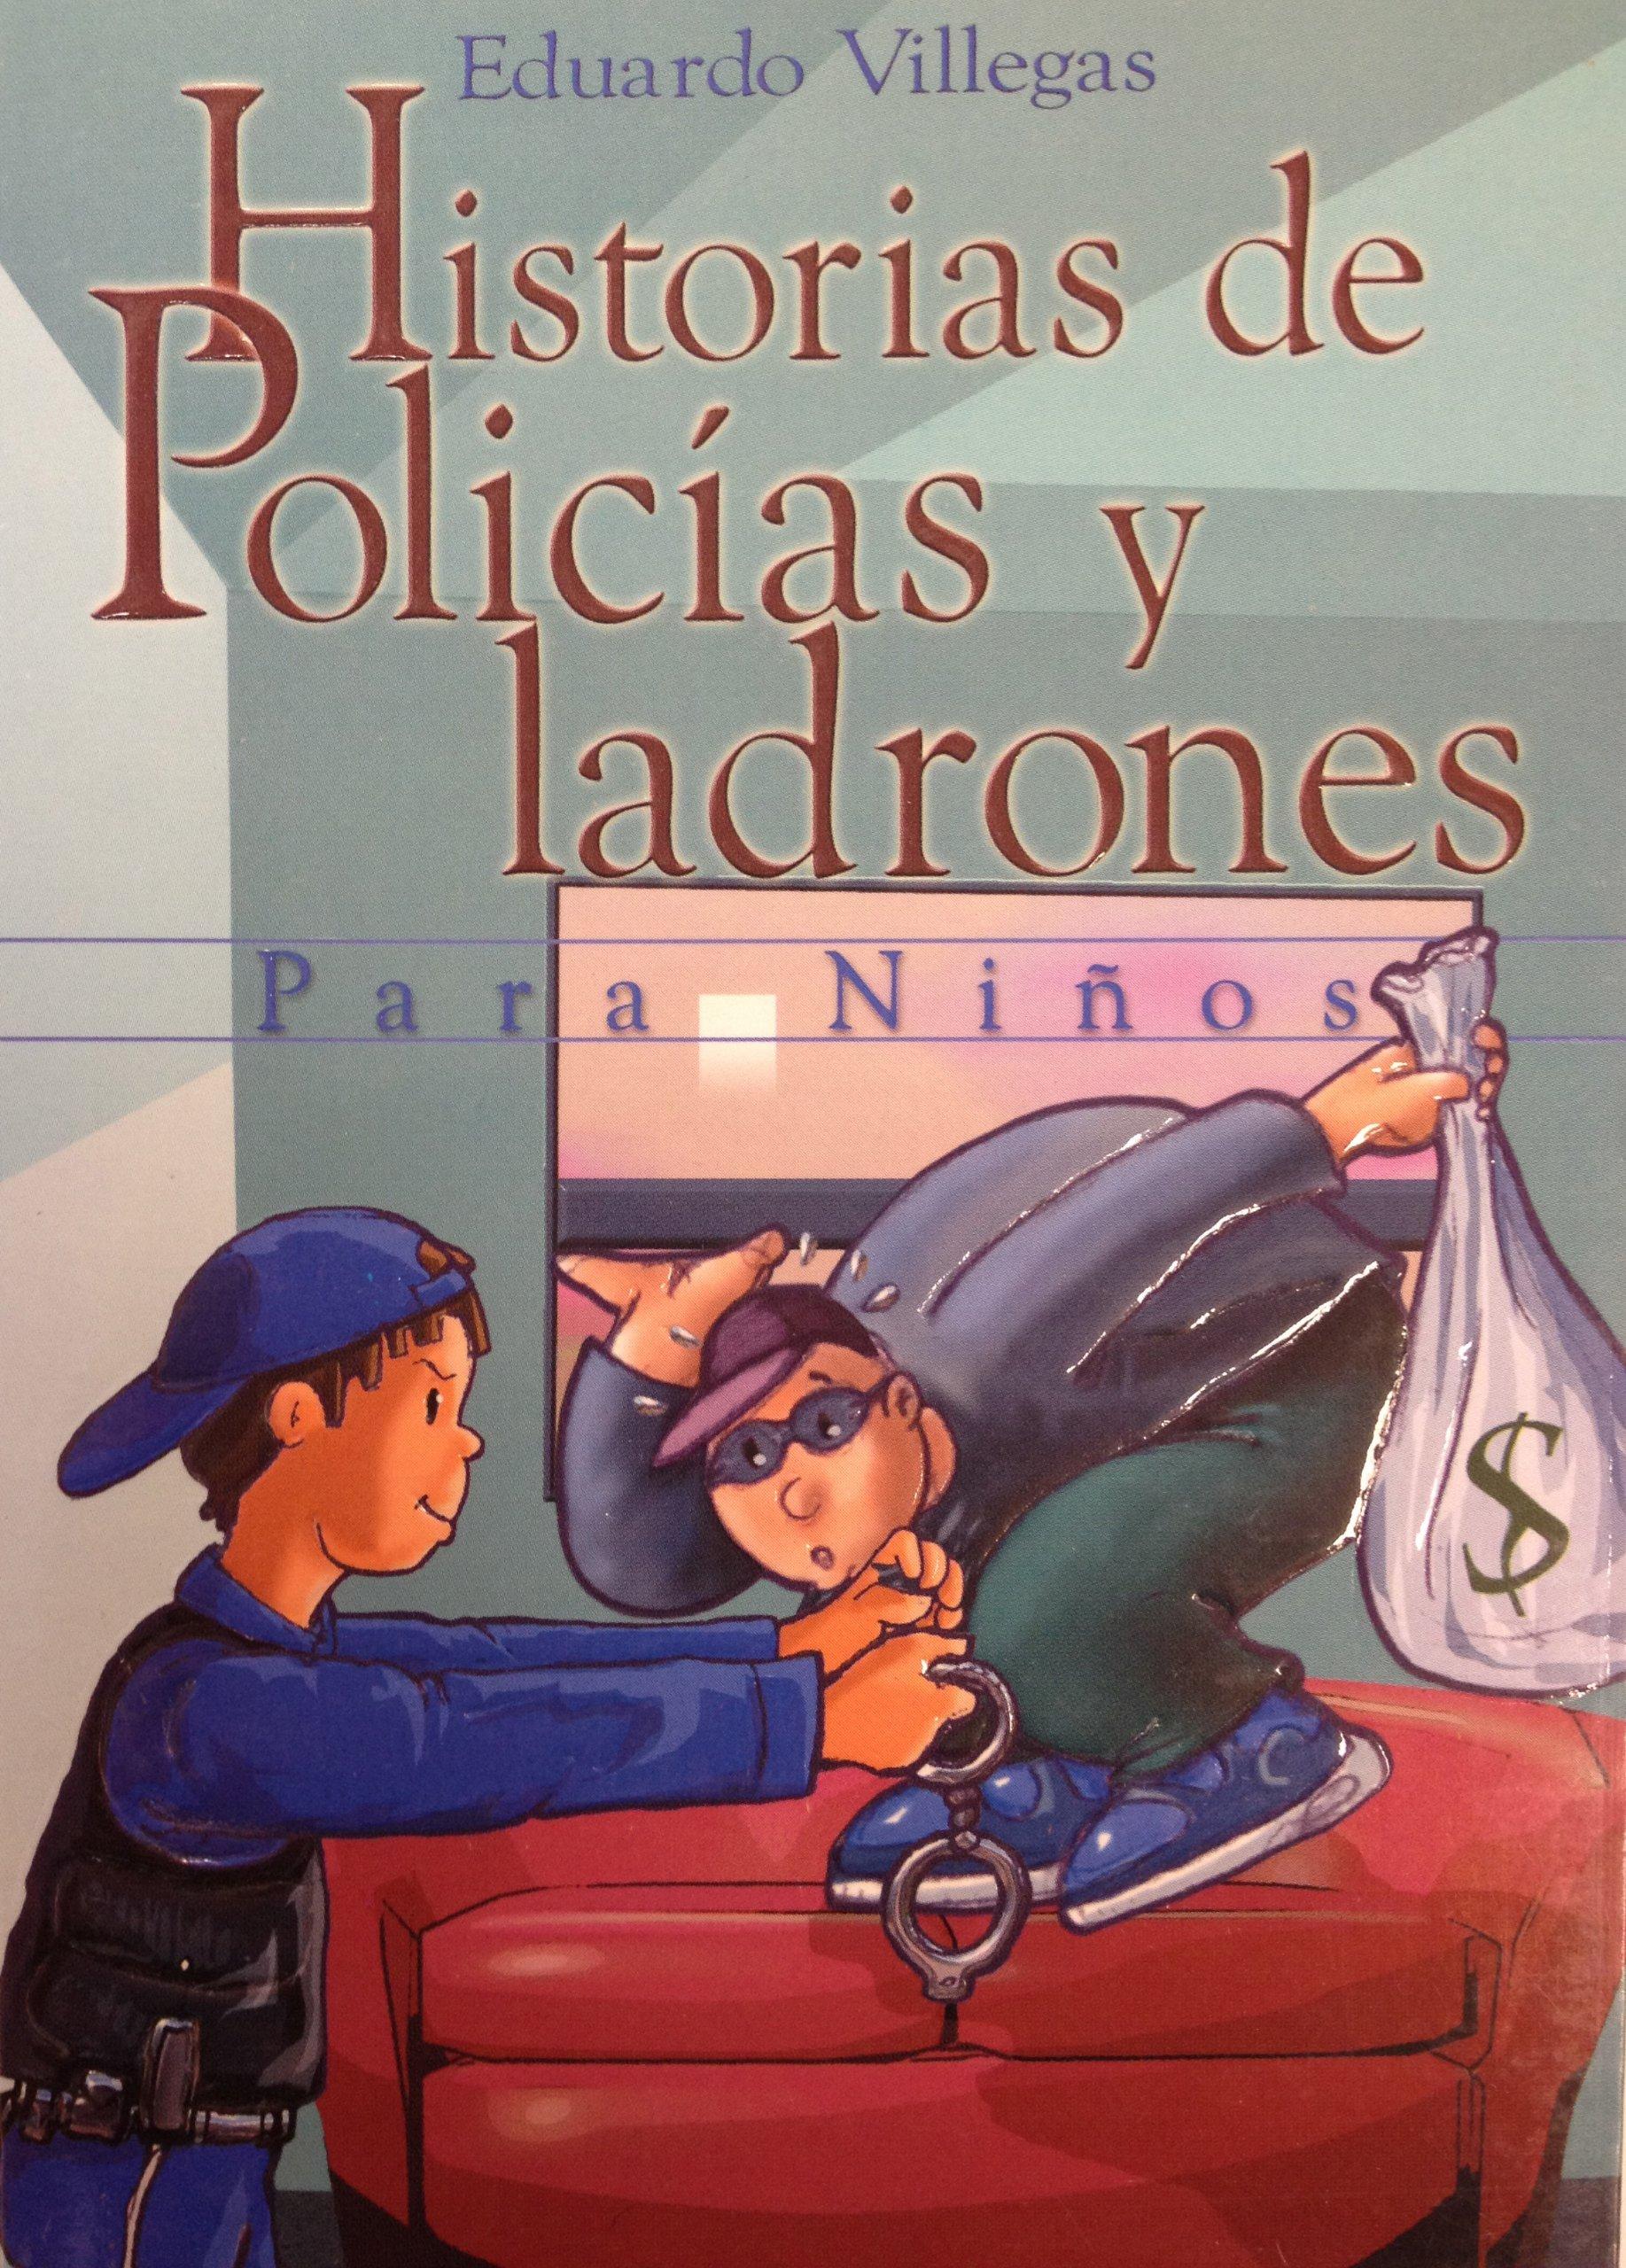 Historias de policias y ladrones para niños (Spanish Edition) pdf